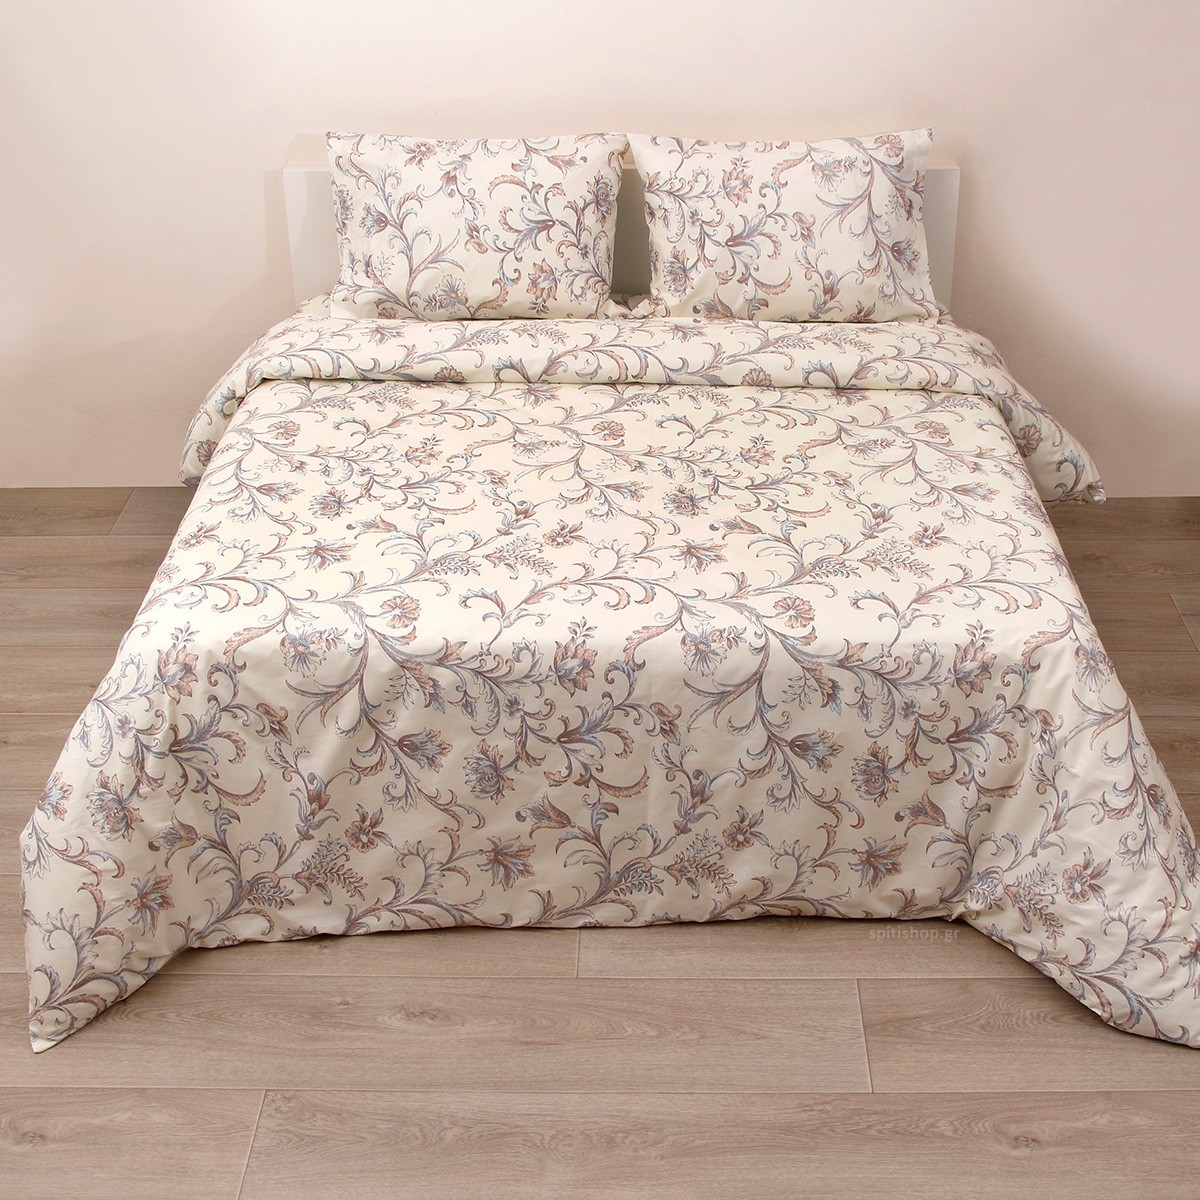 Πάπλωμα Ημίδιπλο (Σετ) Viopros Fresh Έβελιν home   κρεβατοκάμαρα   παπλώματα   παπλώματα ημίδιπλα   διπλά